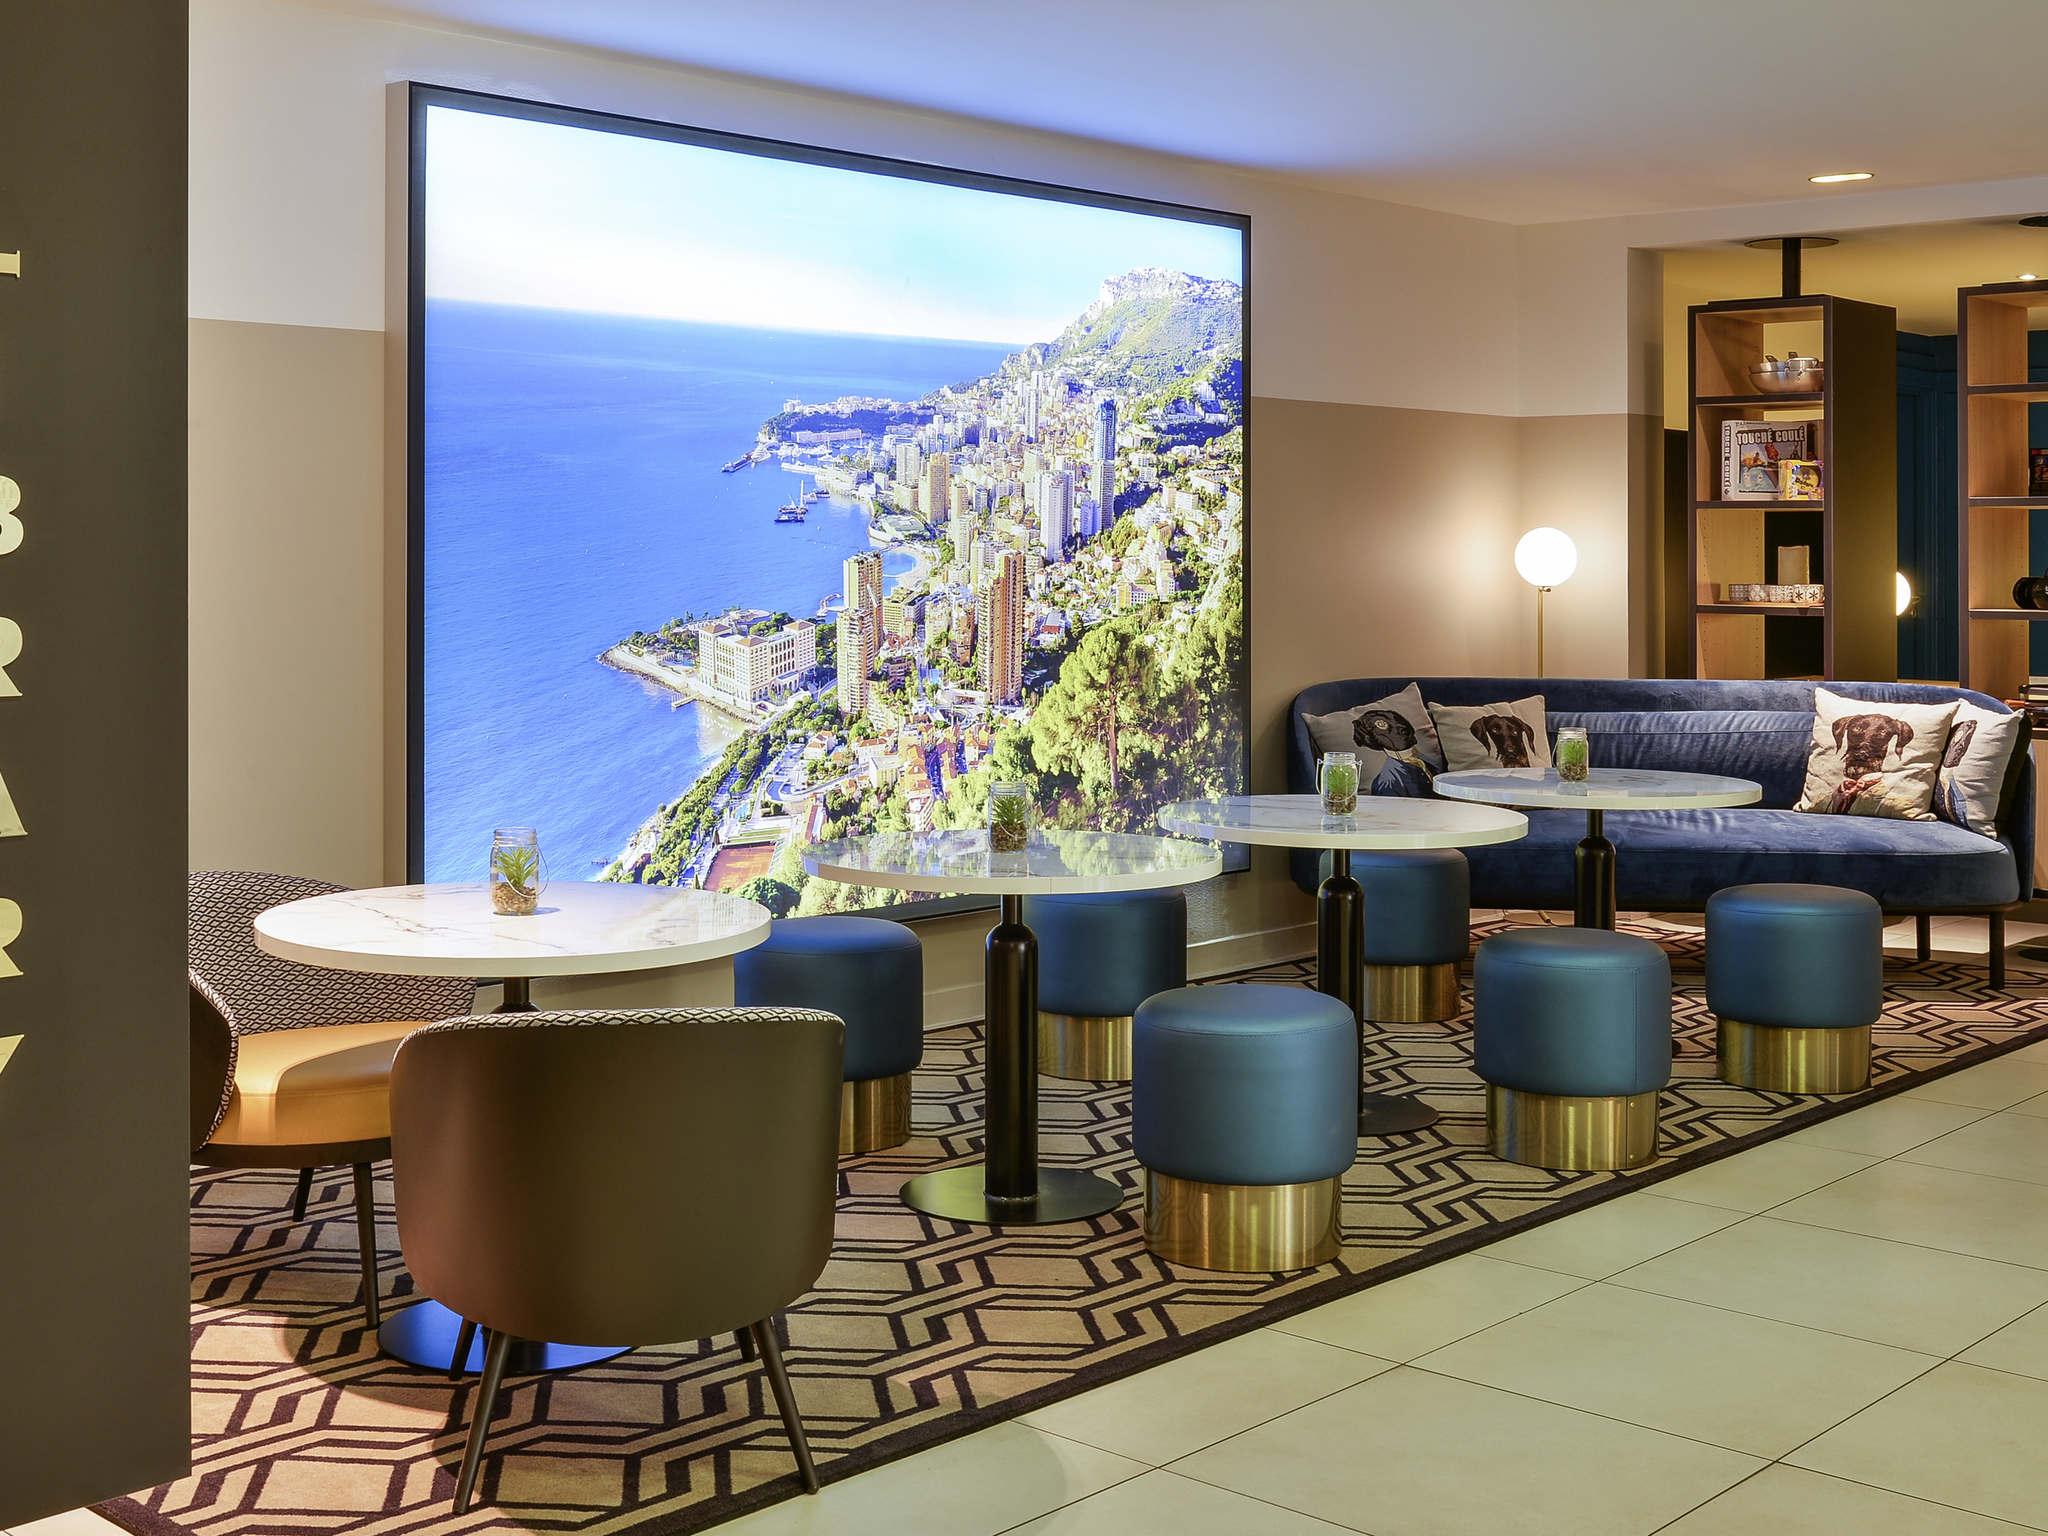 酒店 – 阿德吉奥摩纳哥基督山酒店